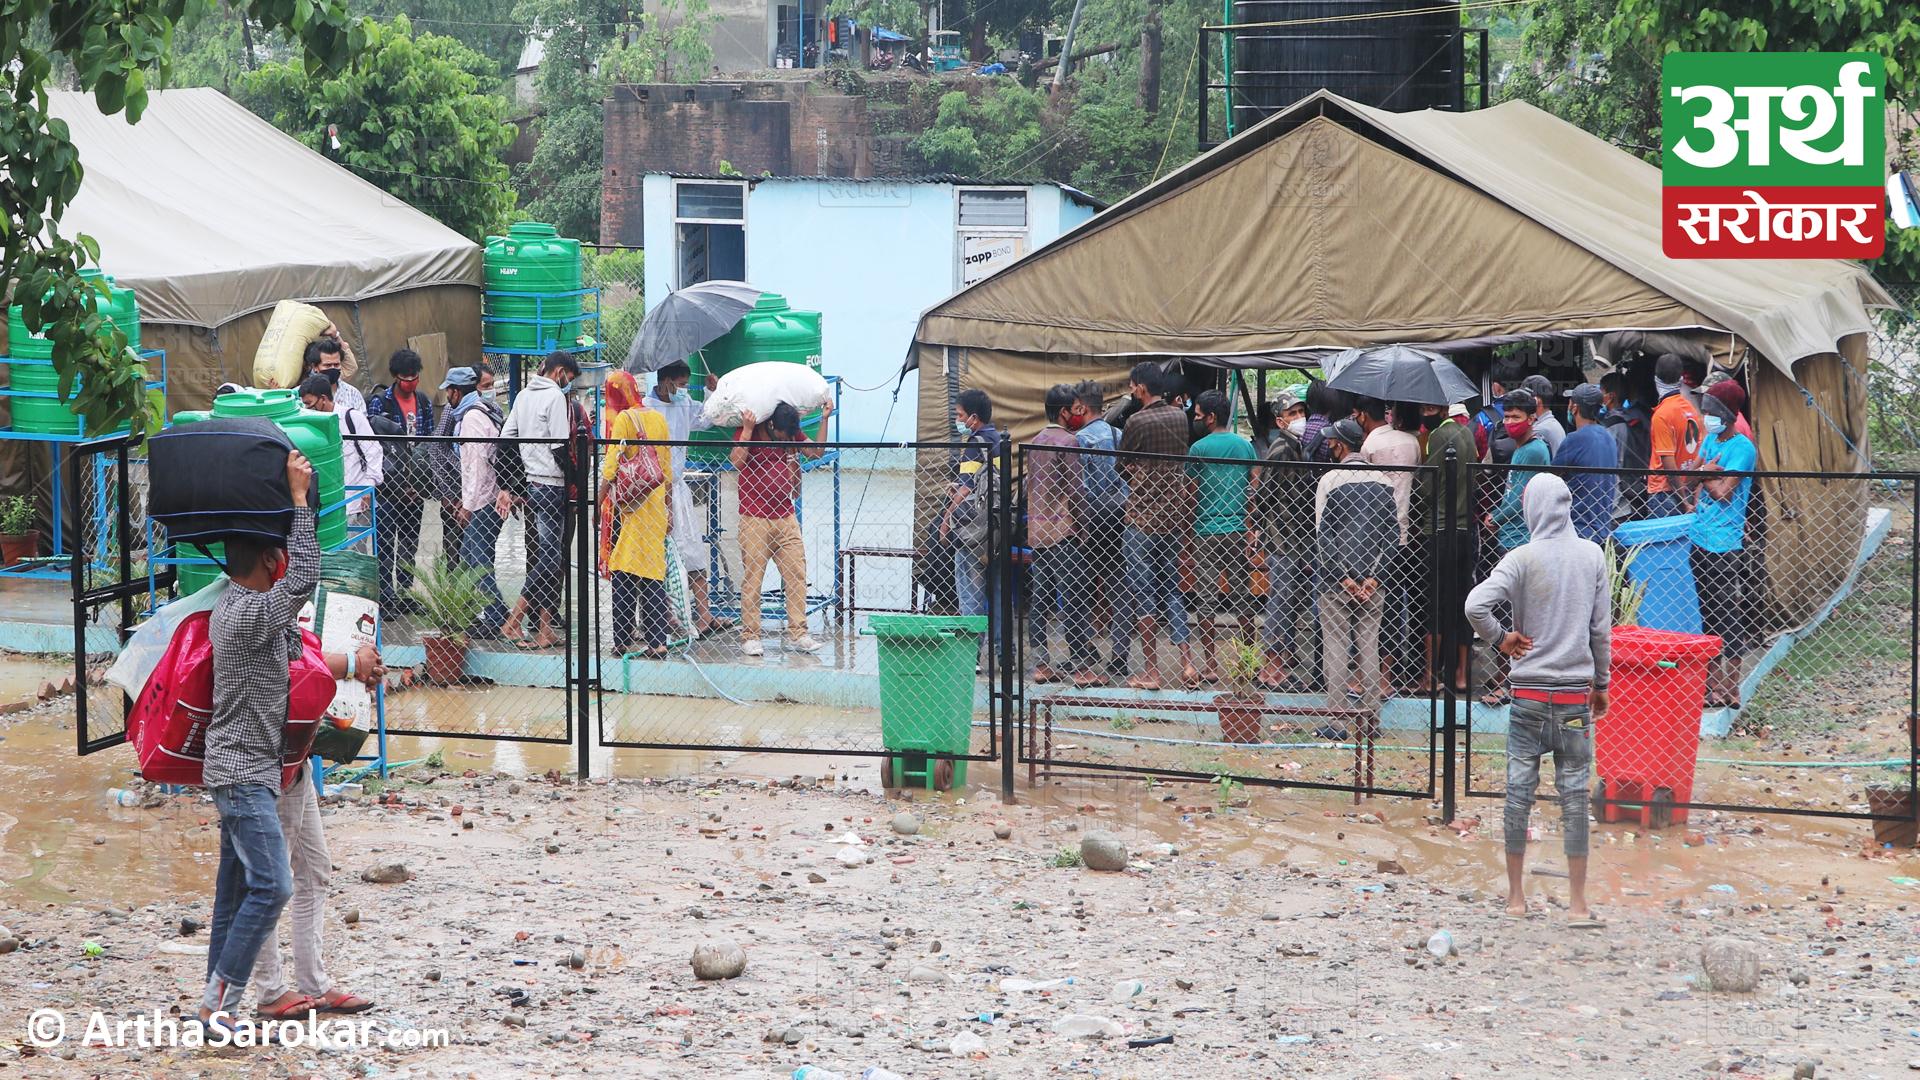 गौरिफन्टा नाकाः रोकिएन स्वदेश फर्कनेको लर्को, झरीमा रुझ्दै एन्टिजोन परिक्षणका लागि लाईनमा बस्दै नागरिक ! (फोटो-कथा)